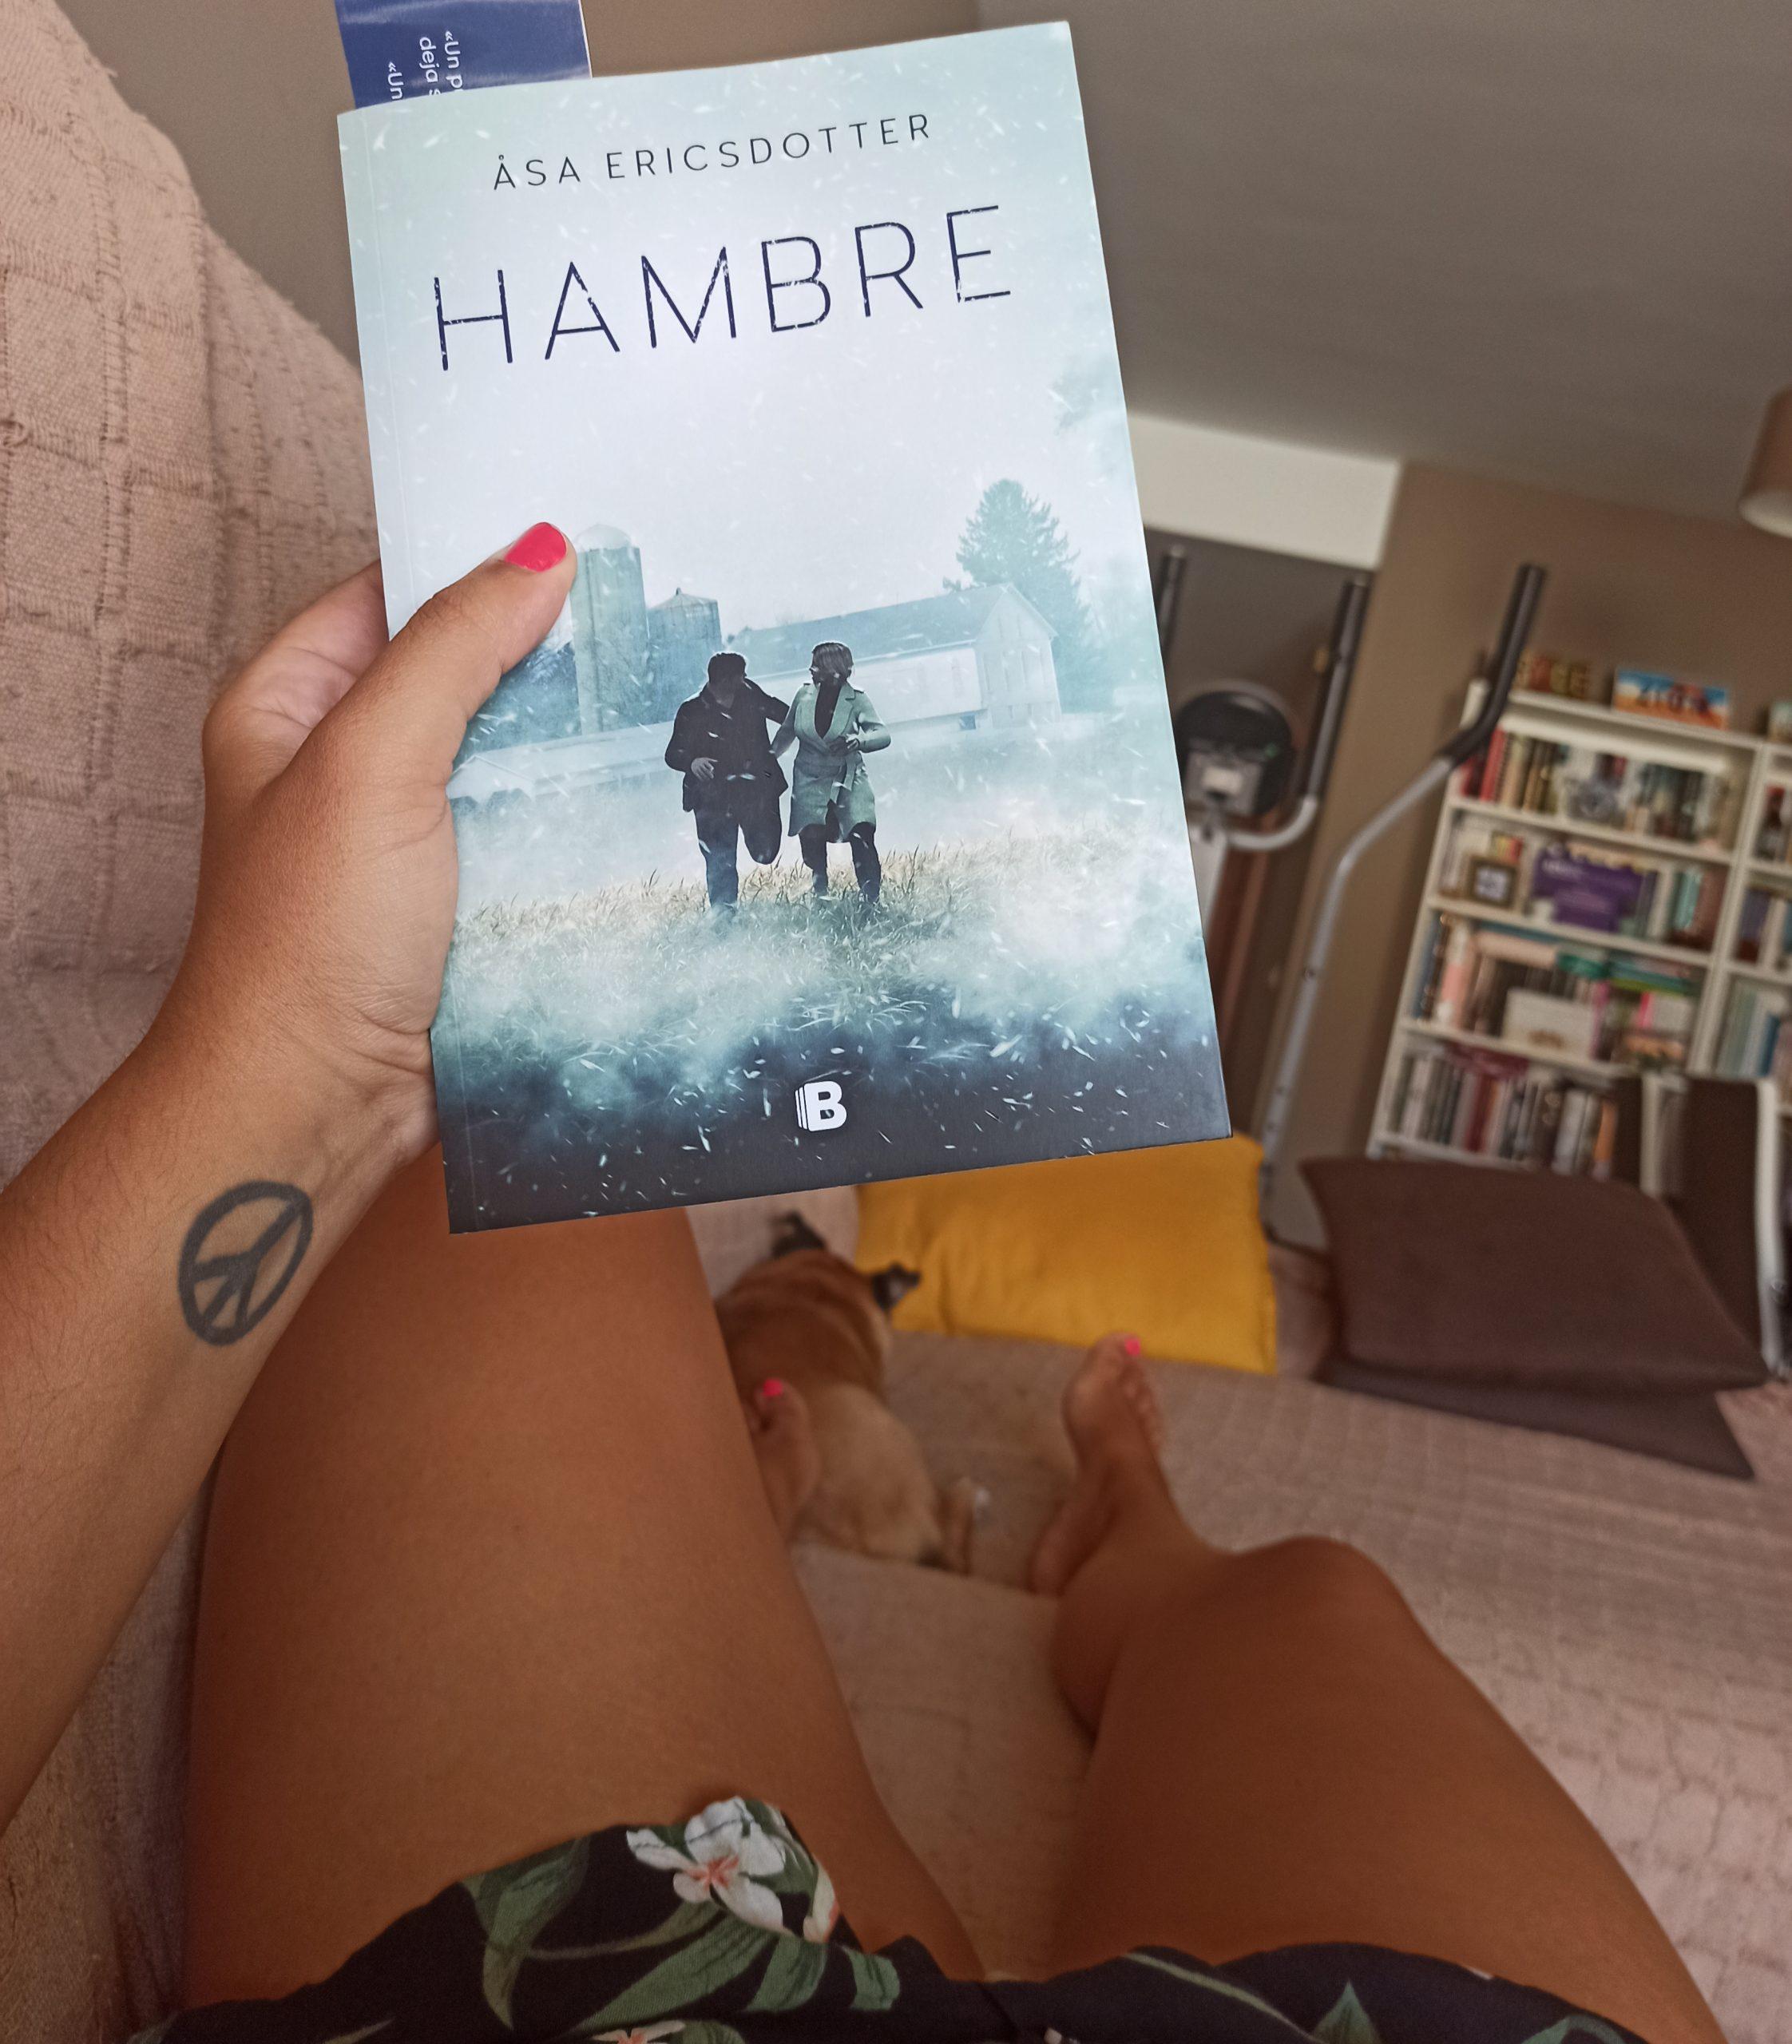 HAMBRE, de Asa Ericsdotter.